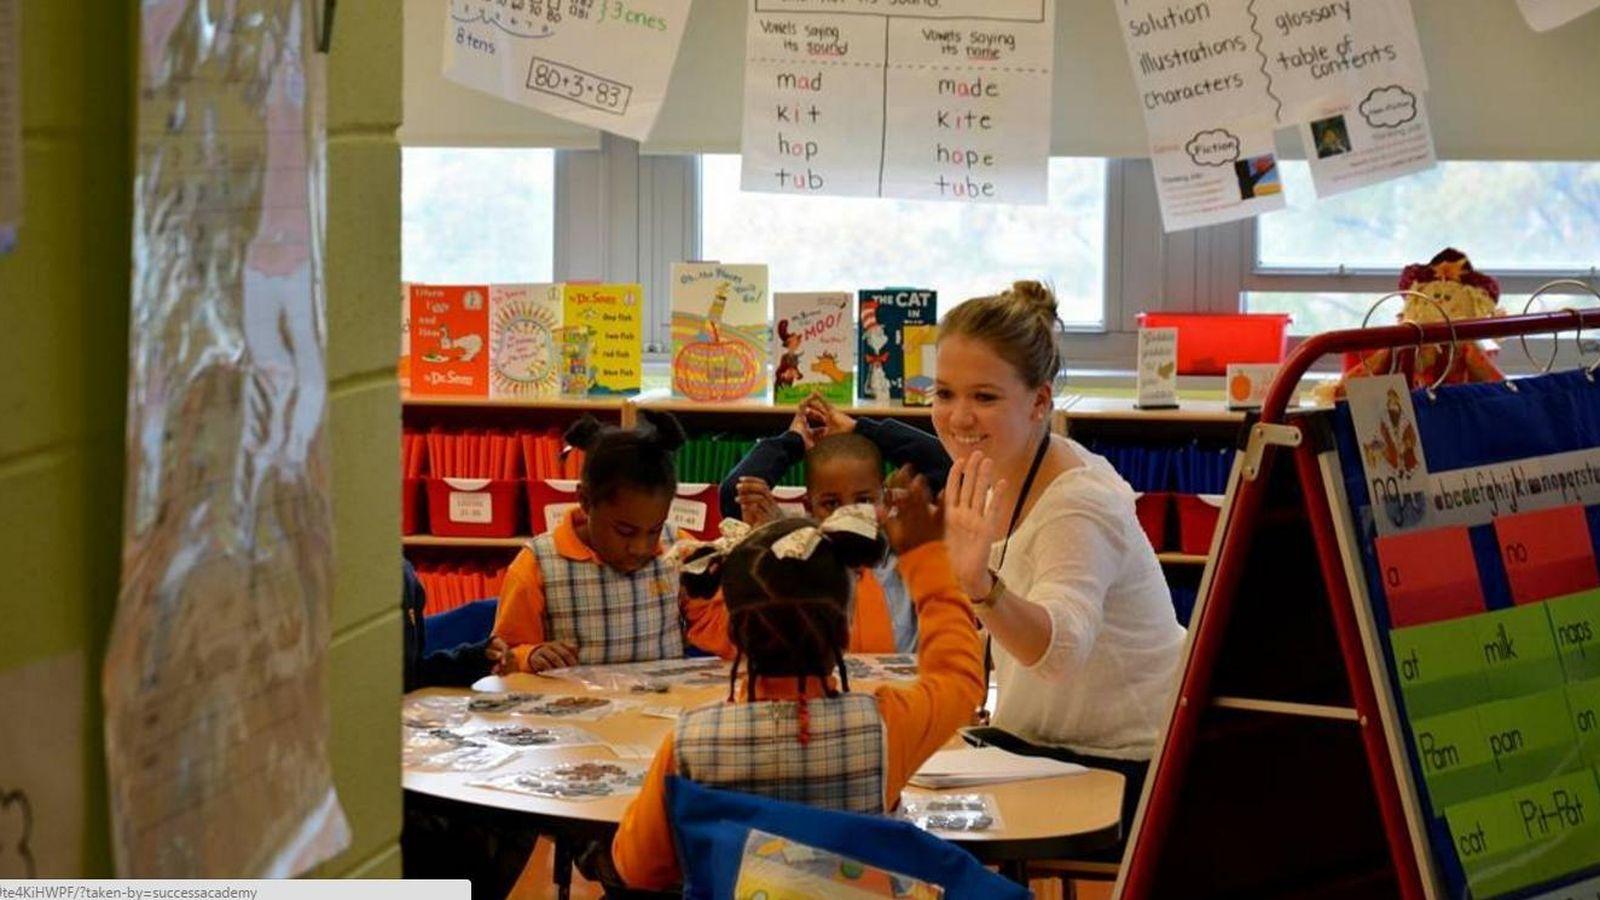 Foto: La señorita Colella, una de las profesoras de la Success Academy, con sus alumnos.